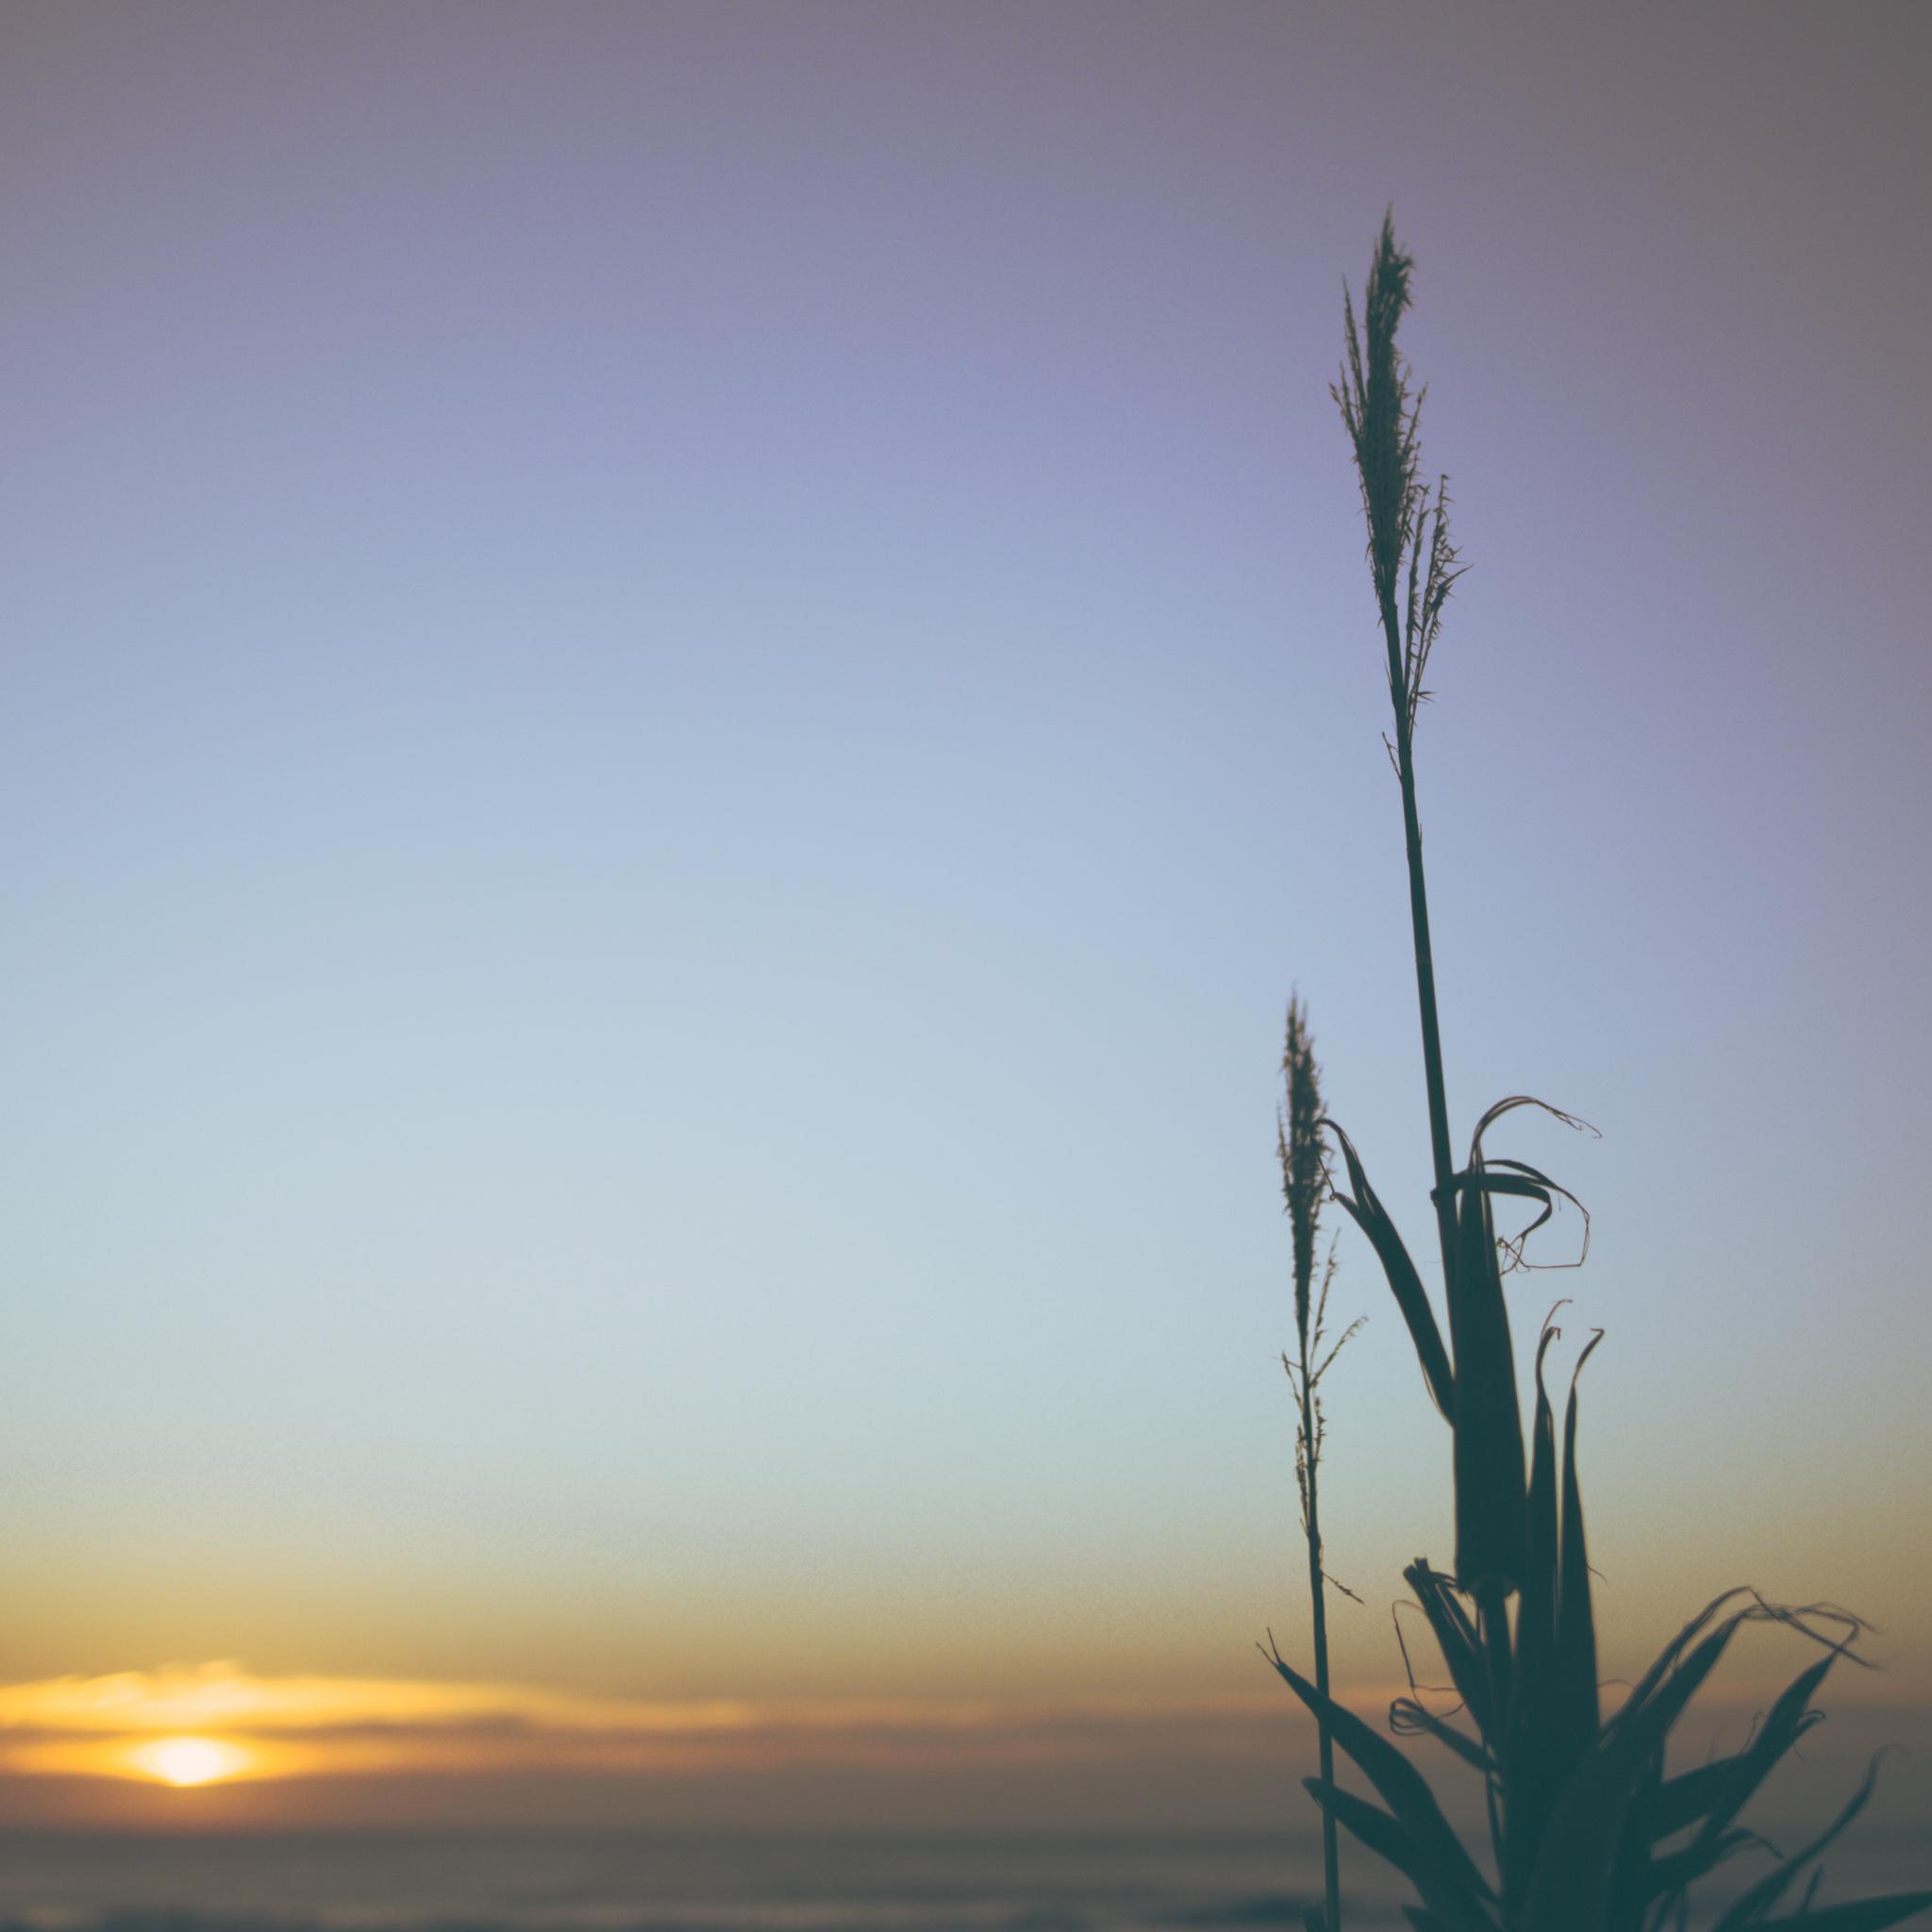 el-palmar-playa-cartero-7909